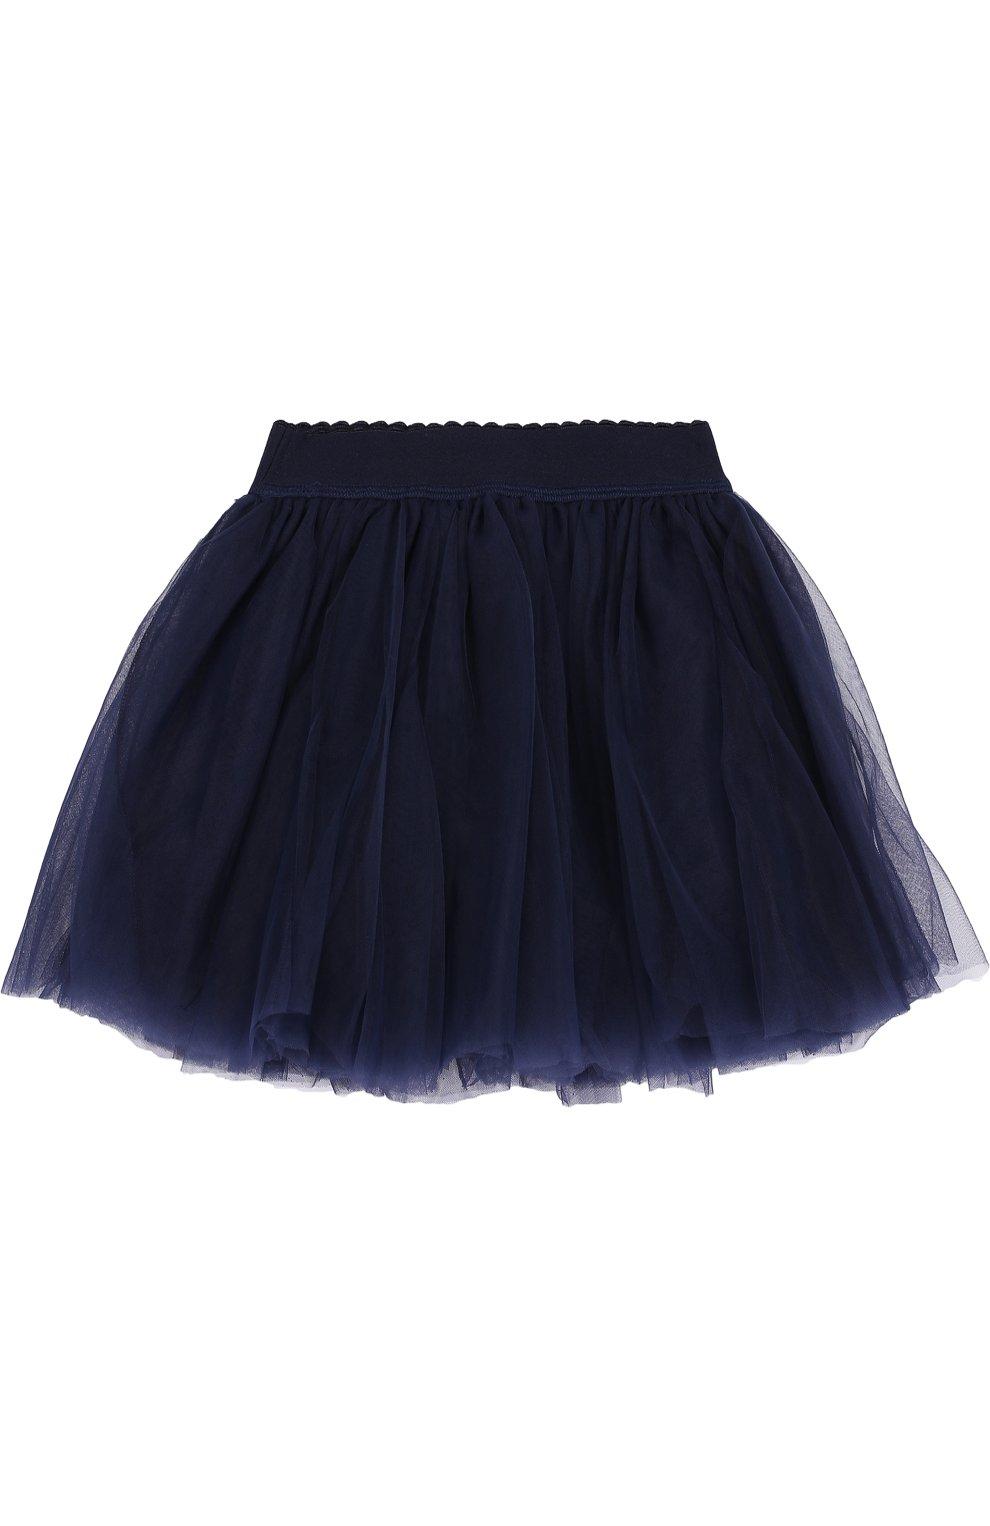 Многослойная мини-юбка с эластичным поясом   Фото №2